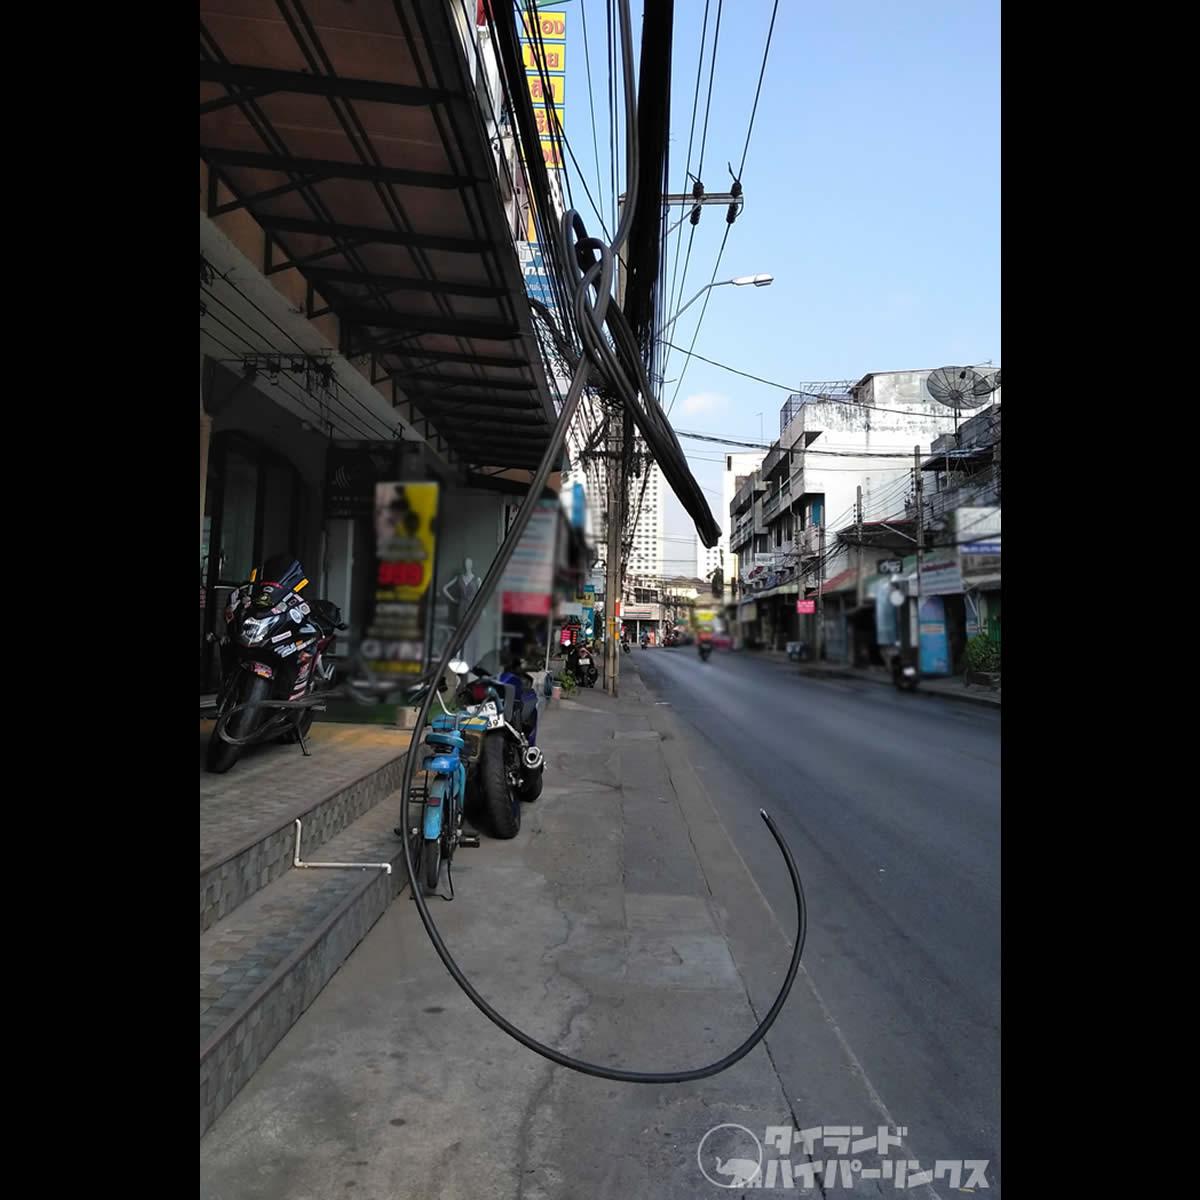 垂れ下がったケーブルが首に絡まる、バイク走行中に首が切れて死亡